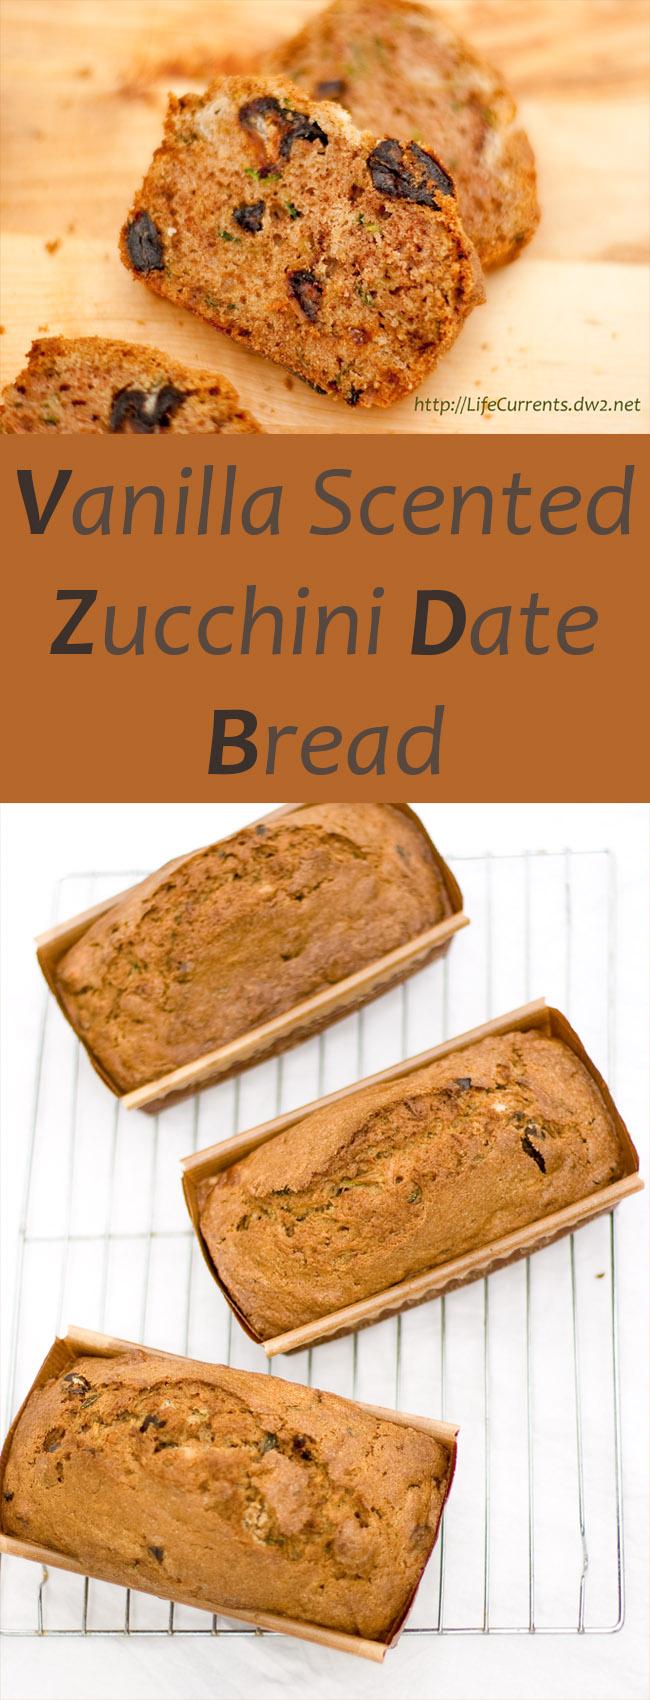 Vanilla Scented Zucchini Date Bread Recipe